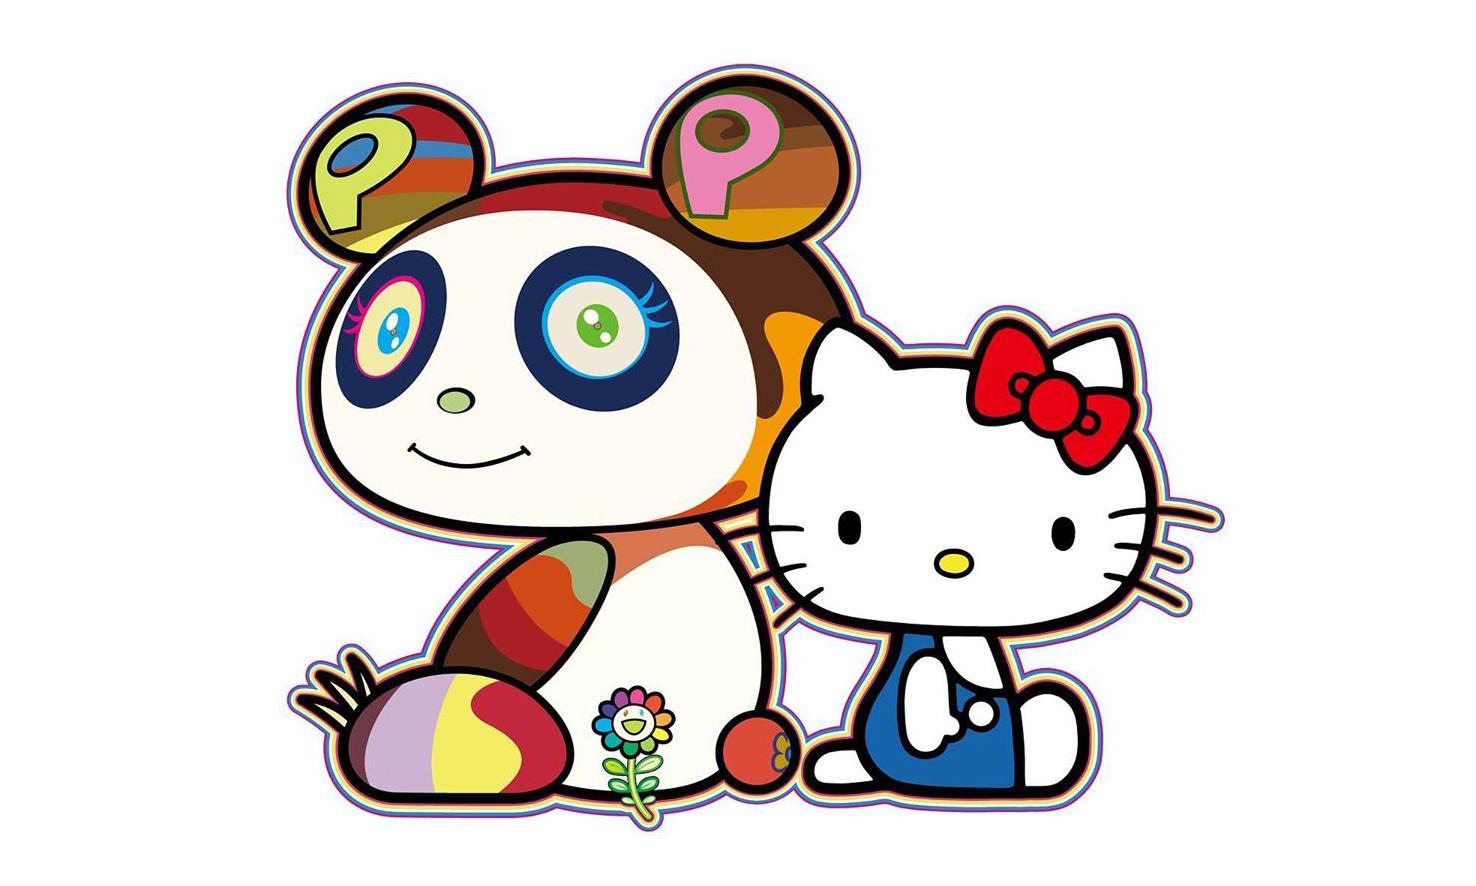 UT 指日可待?村上隆 x Hello Kitty 全新企划揭晓